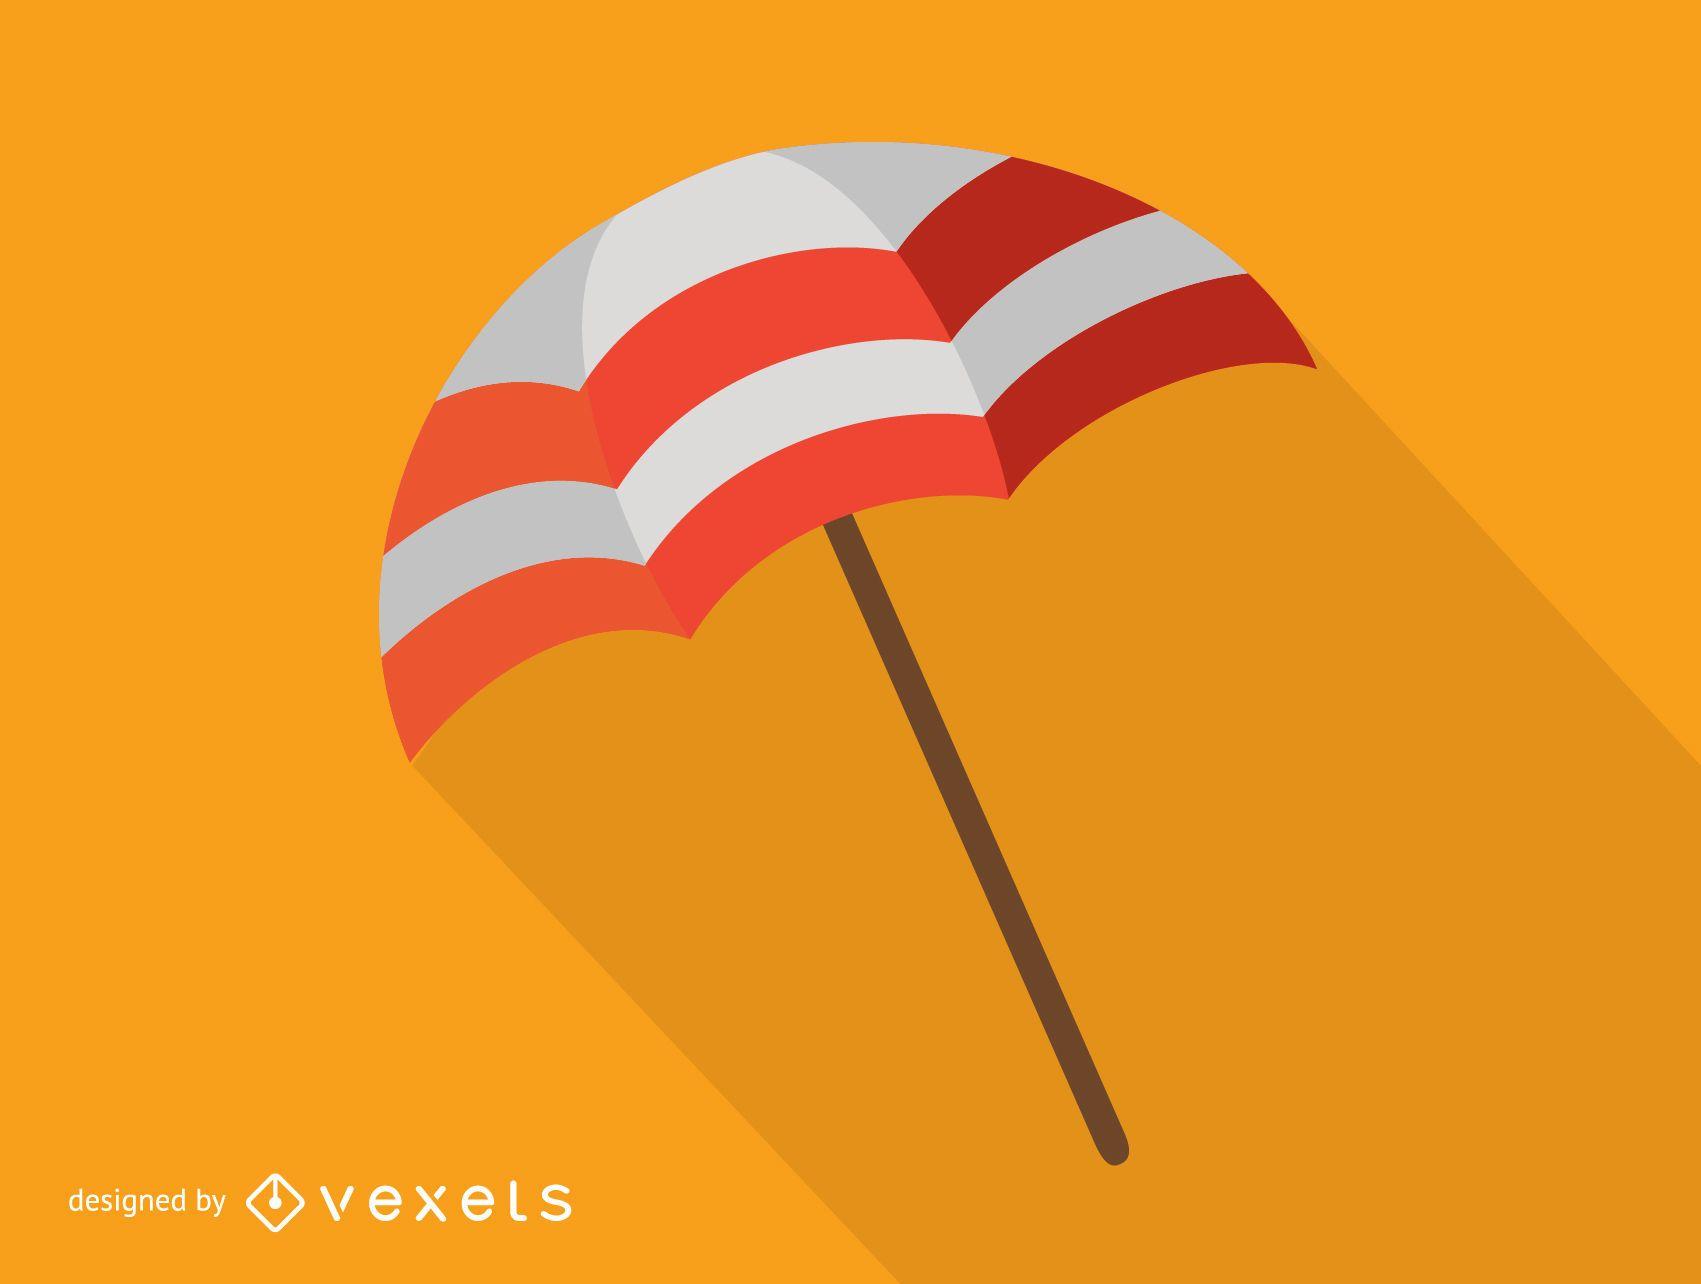 Colorful beach umbrella icon